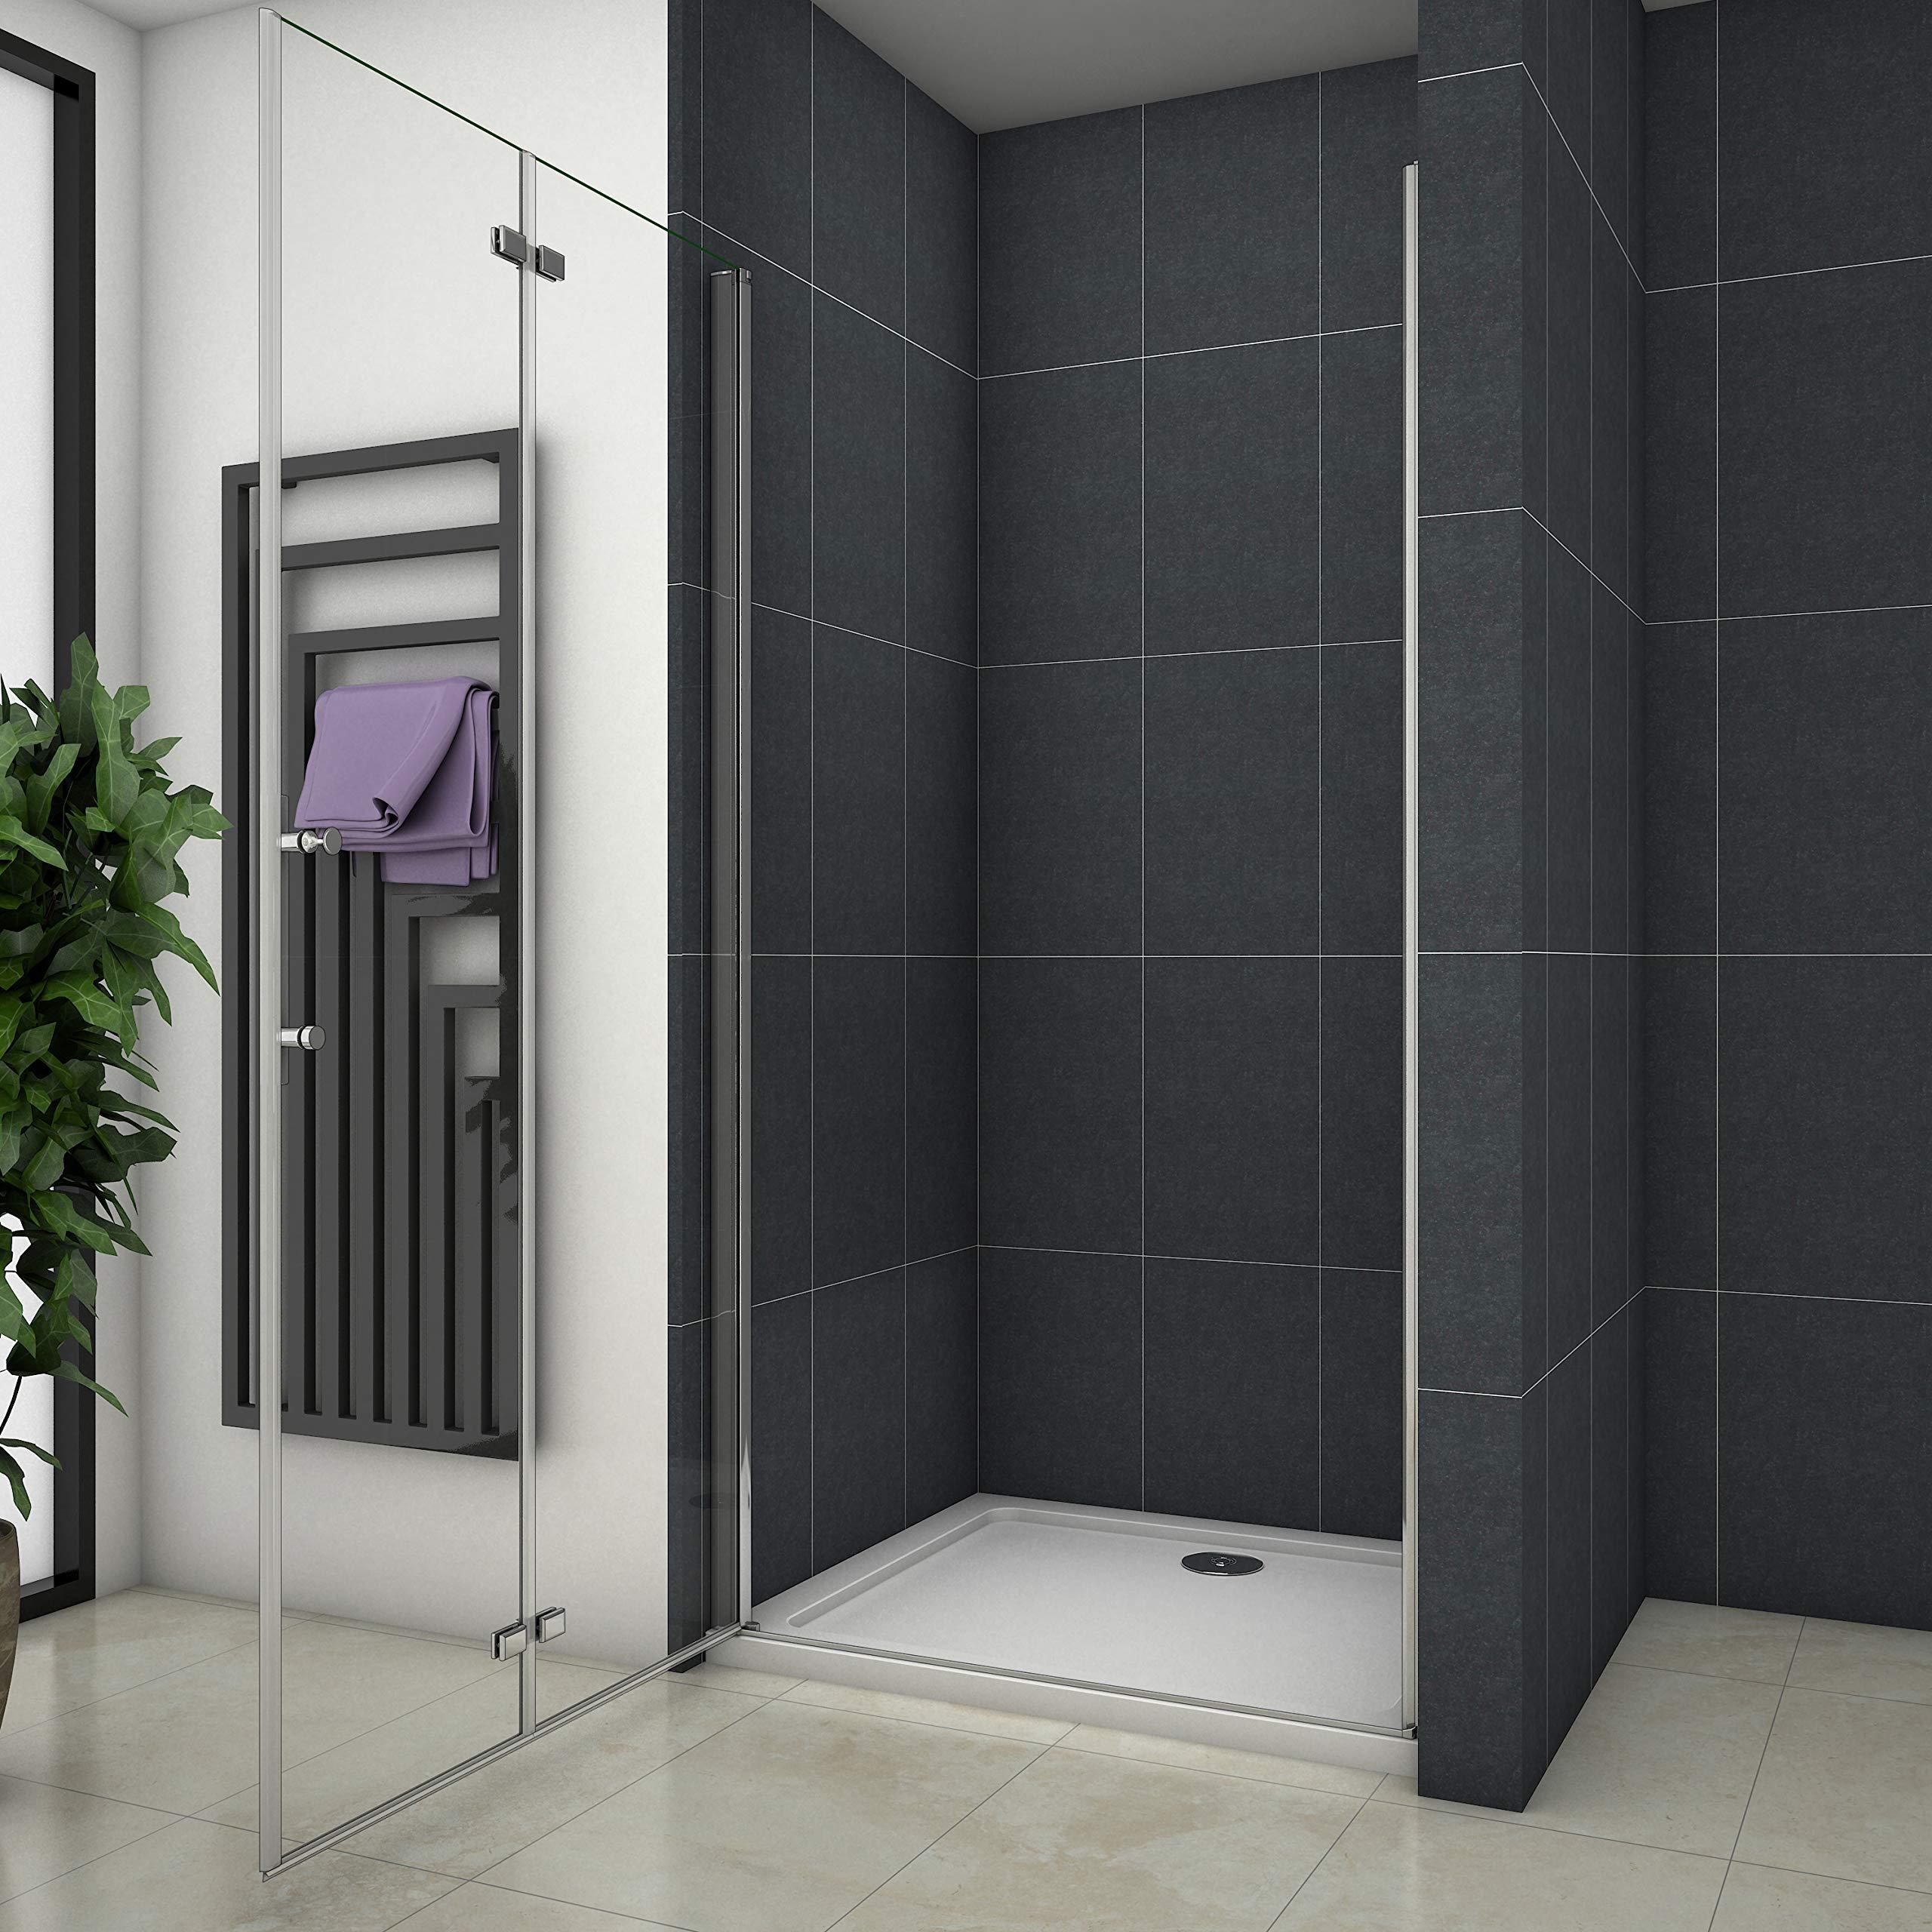 Mampara de ducha Apertura de Puerta Plegable Antical 100x195cm: Amazon.es: Bricolaje y herramientas